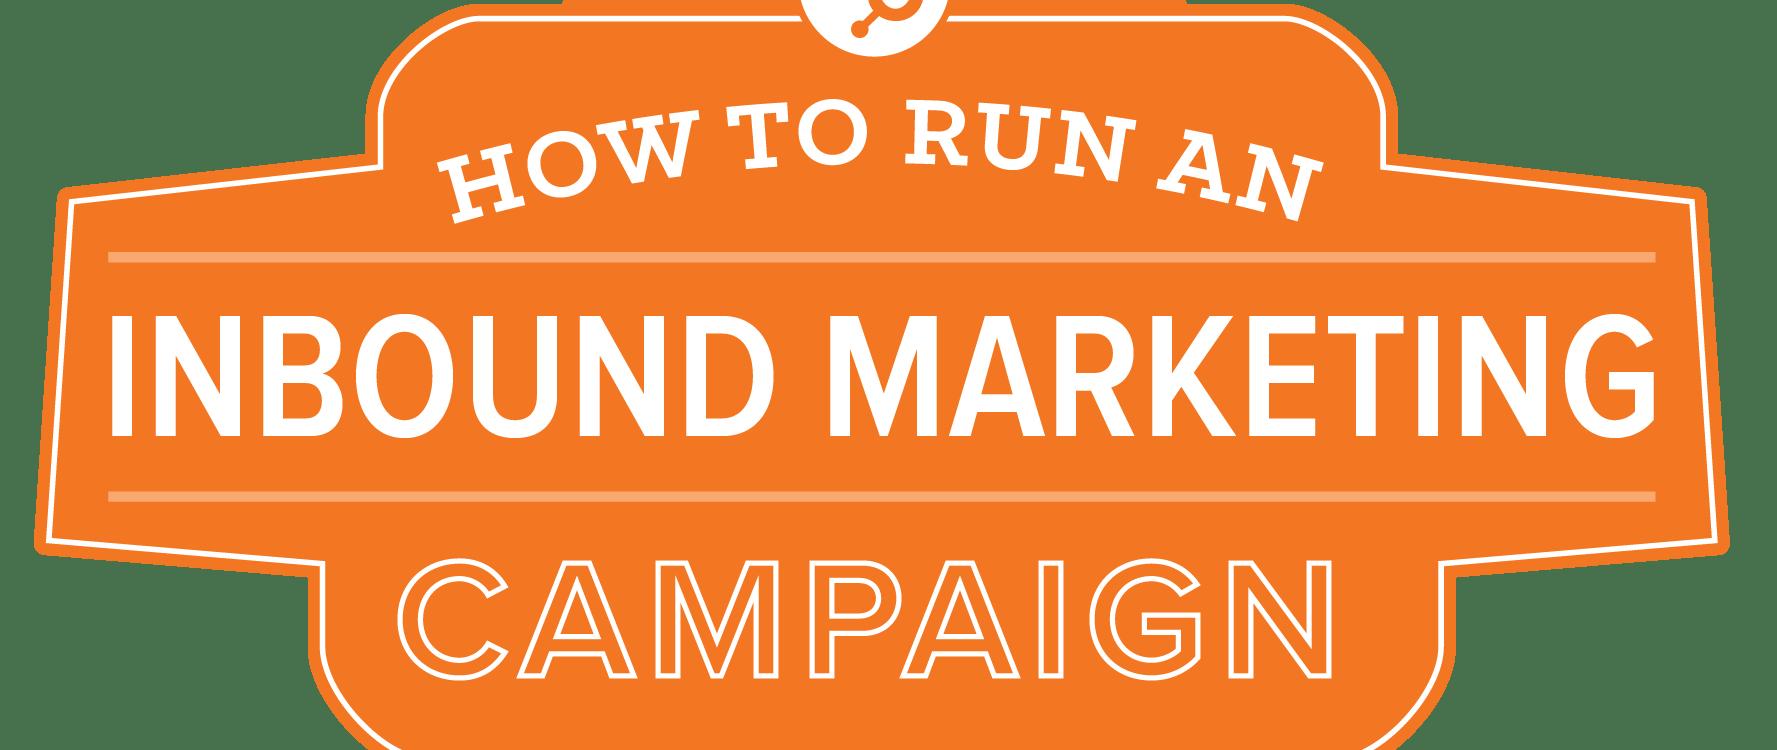 hướng dẫn thực hiện chiến dịch inbound marketing